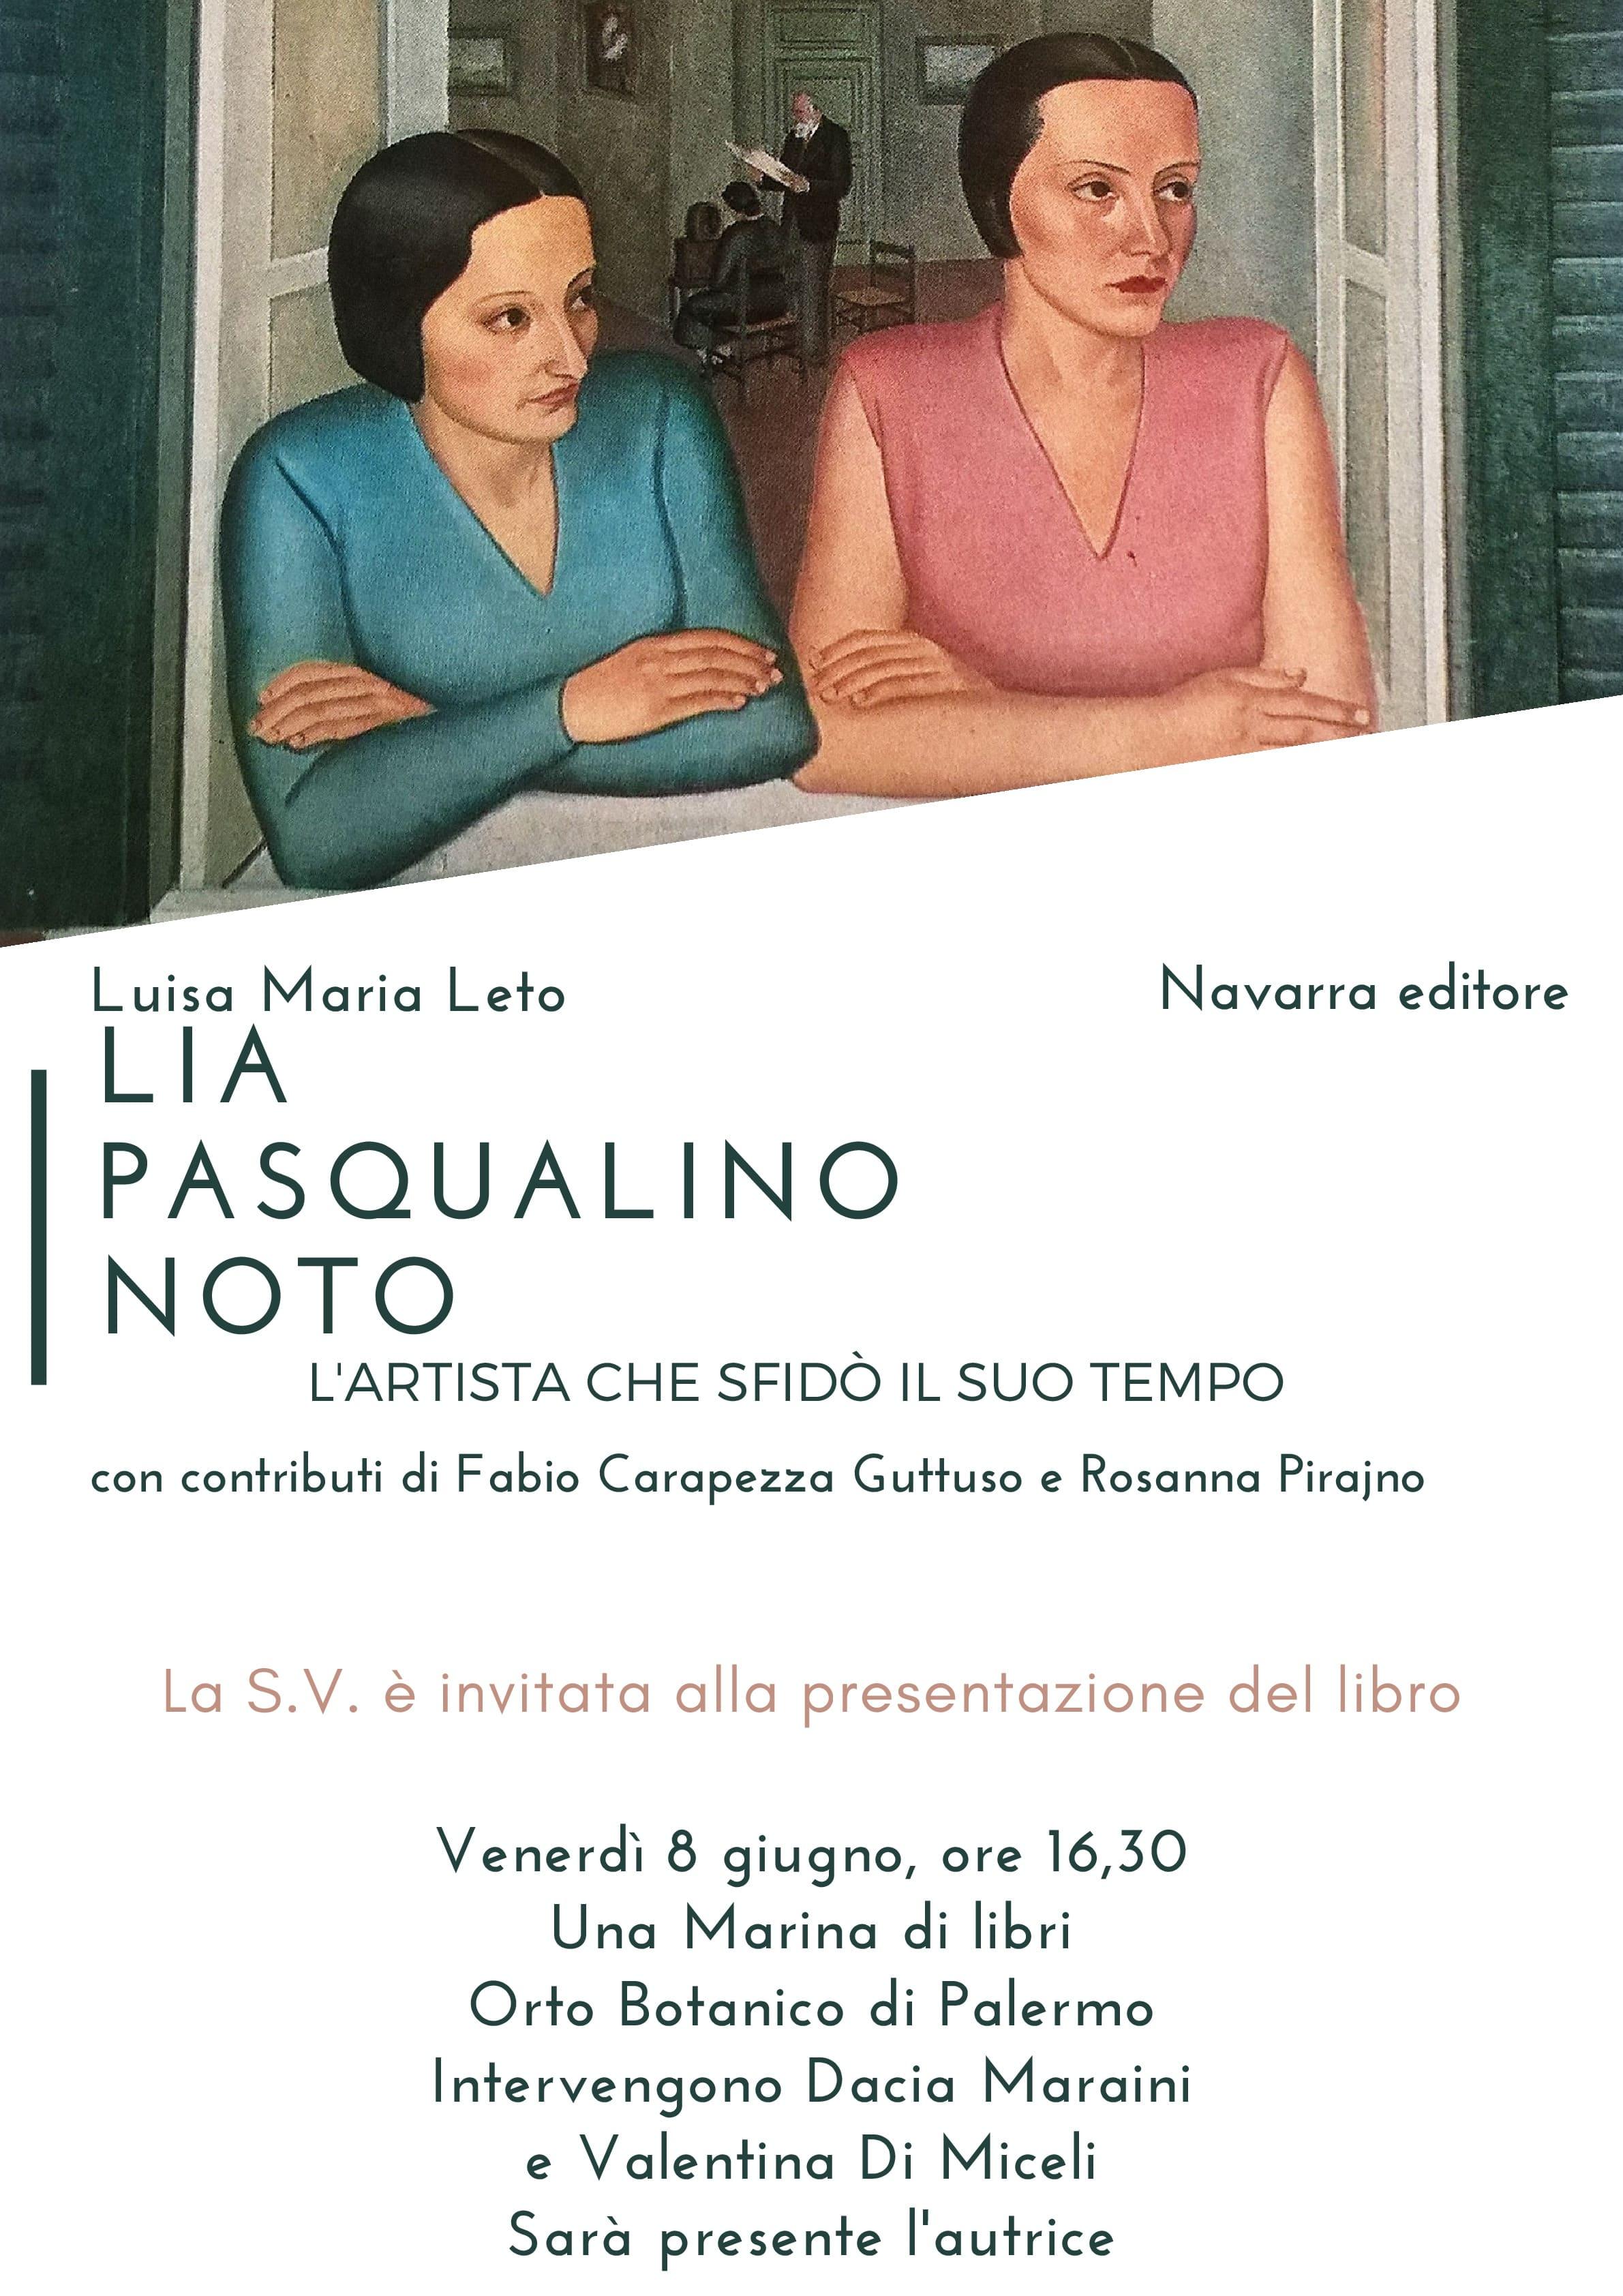 Invito_presentazione_libro_Lia_Pasqualino_Noto_1-001-min.jpg - 608.75 kB